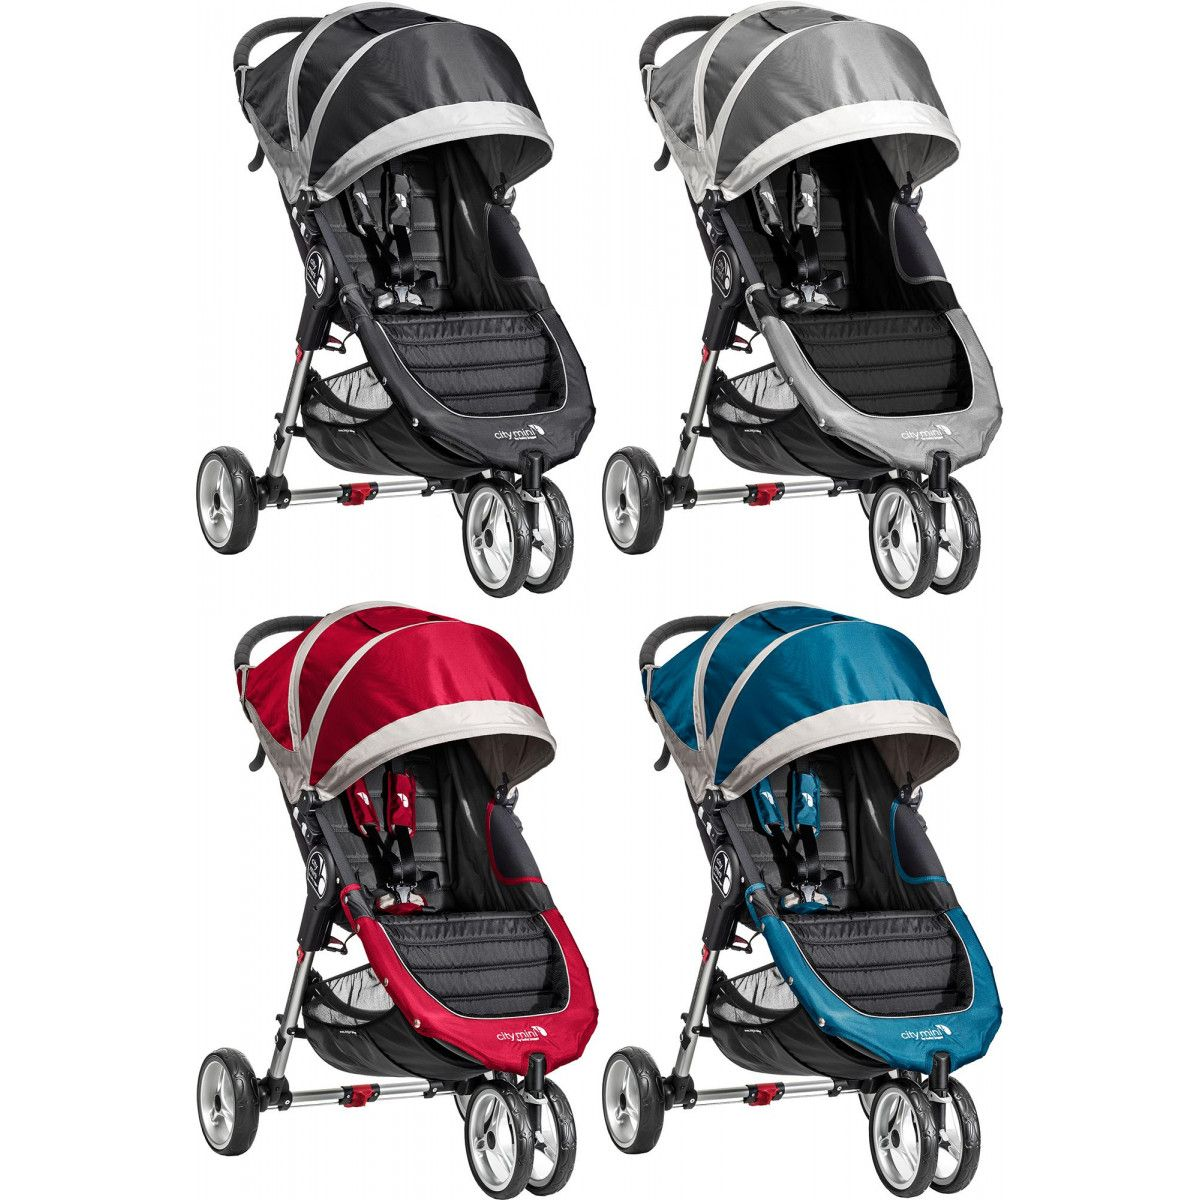 Baby Jogger City Mini Single Stroller Baby jogger city